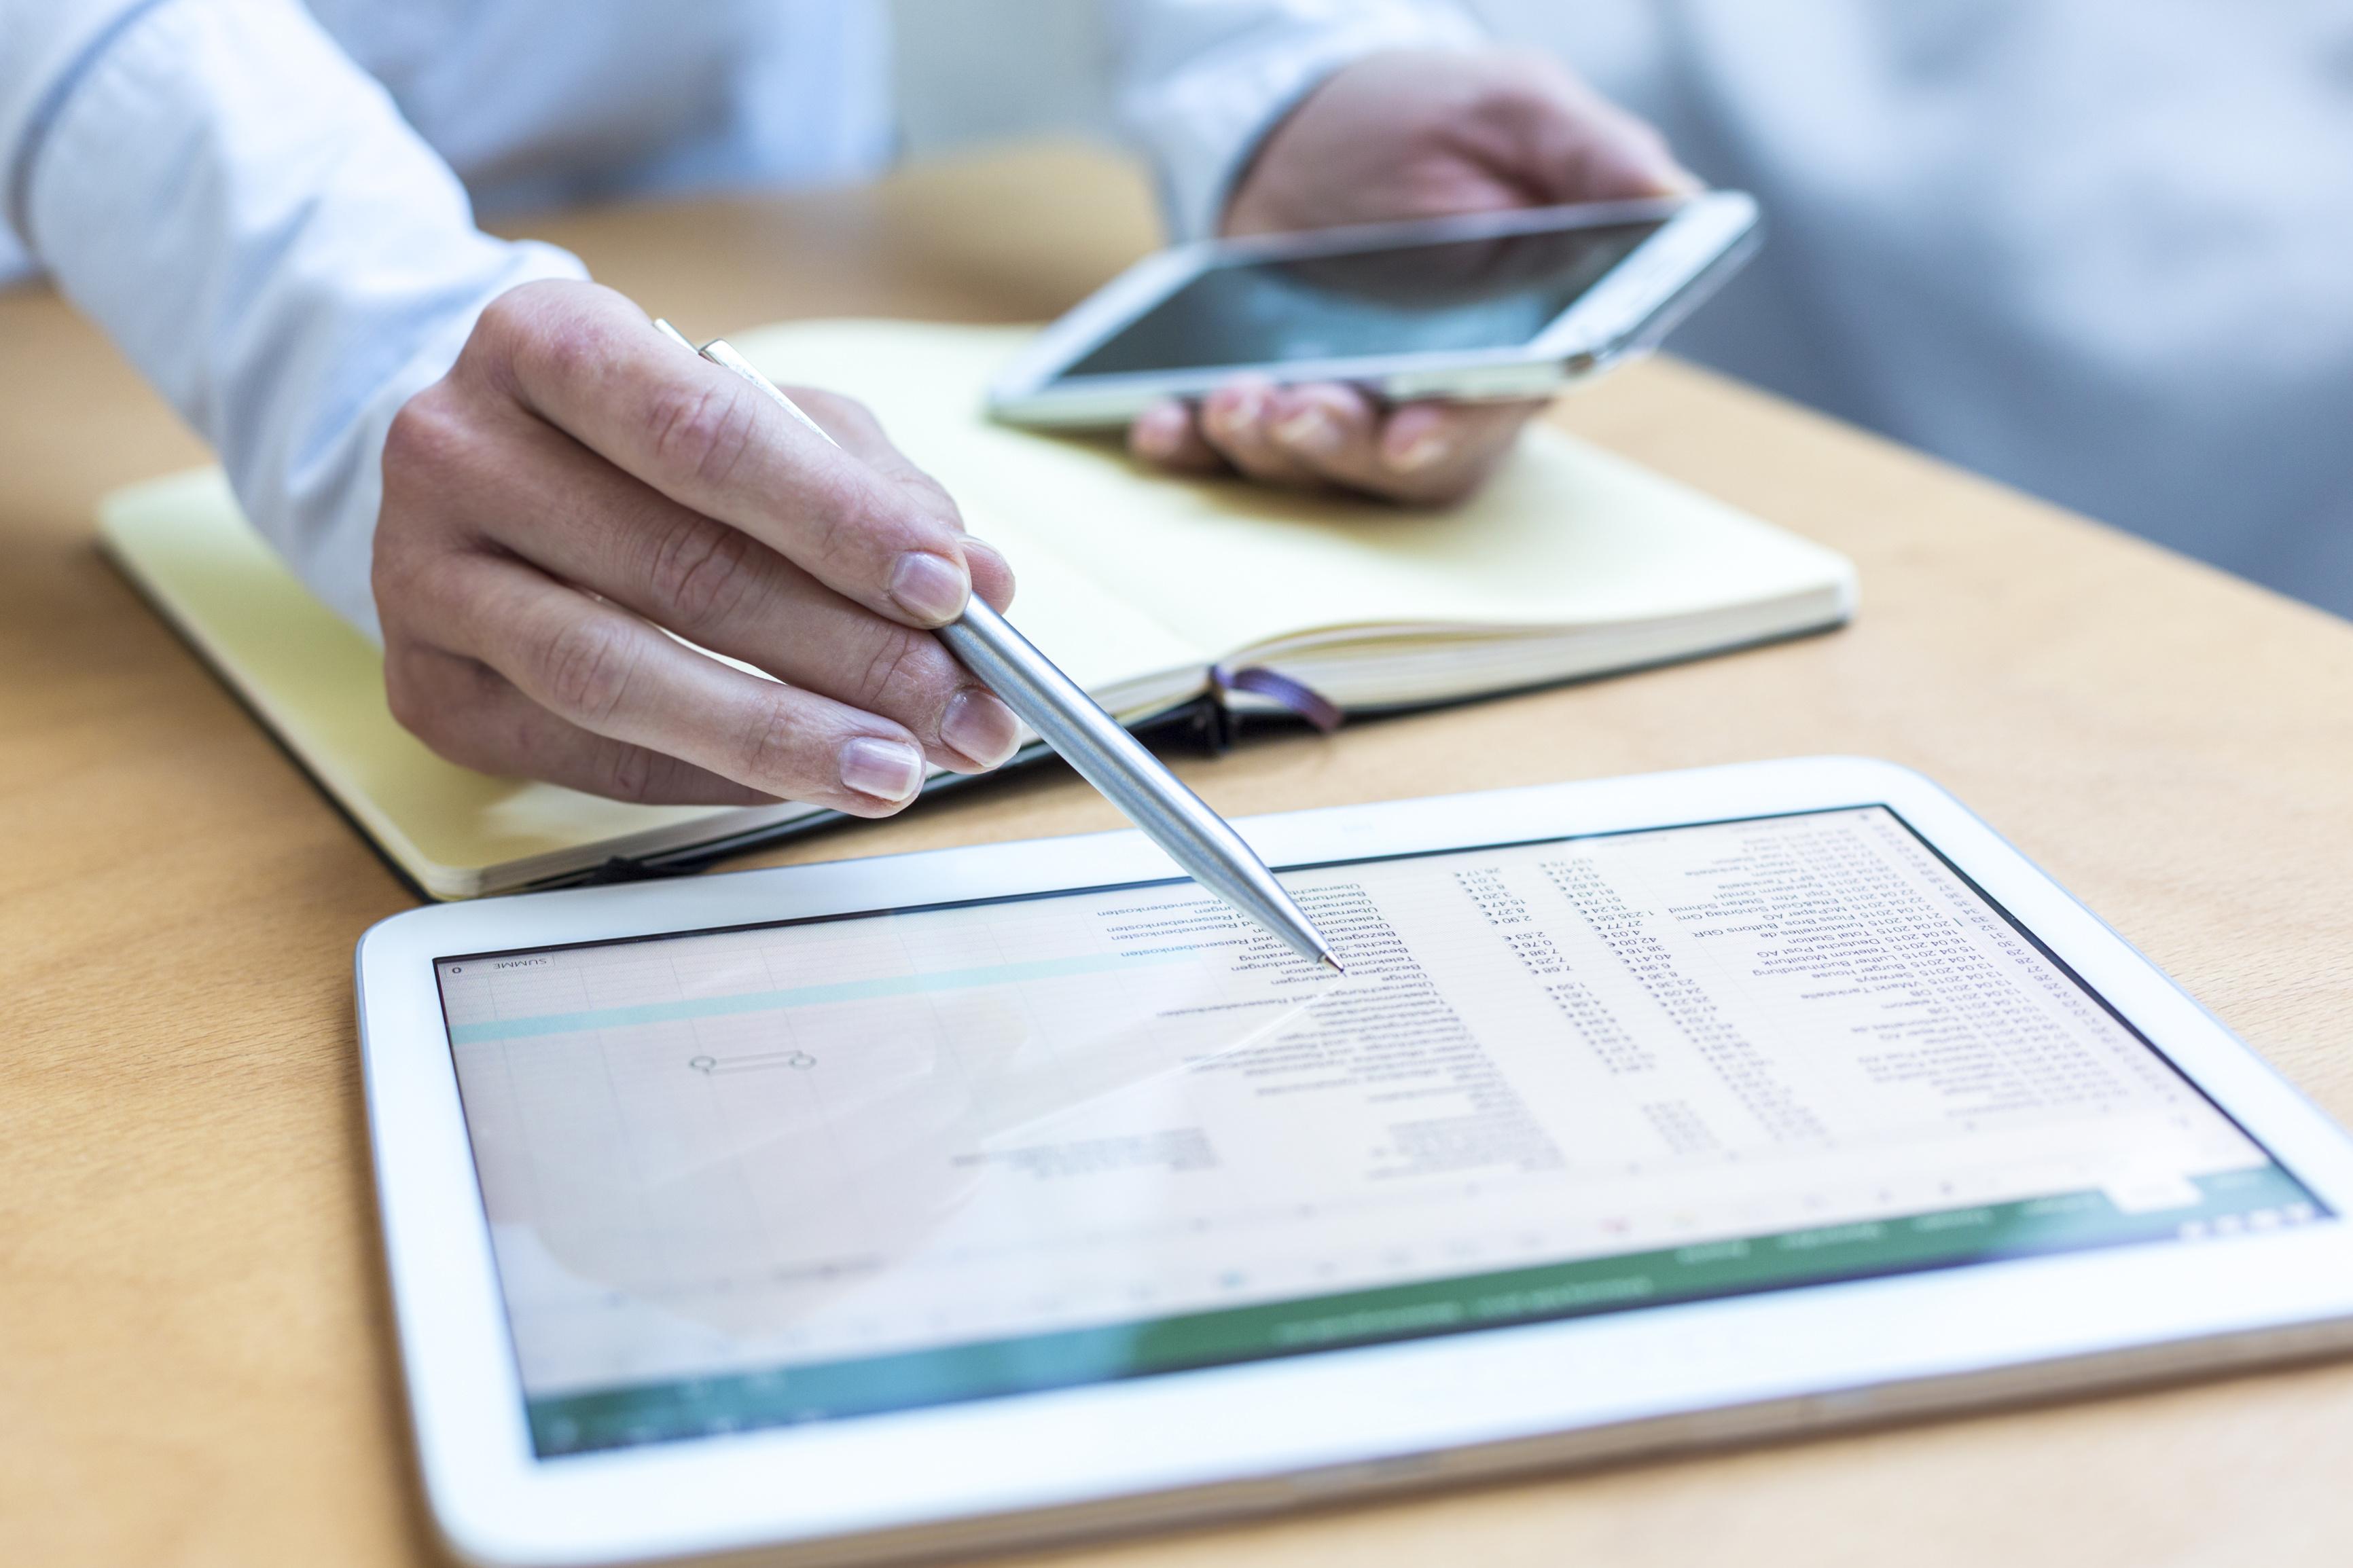 E-Rechnungen übermitteln und empfangen mit Verwaltungsportal